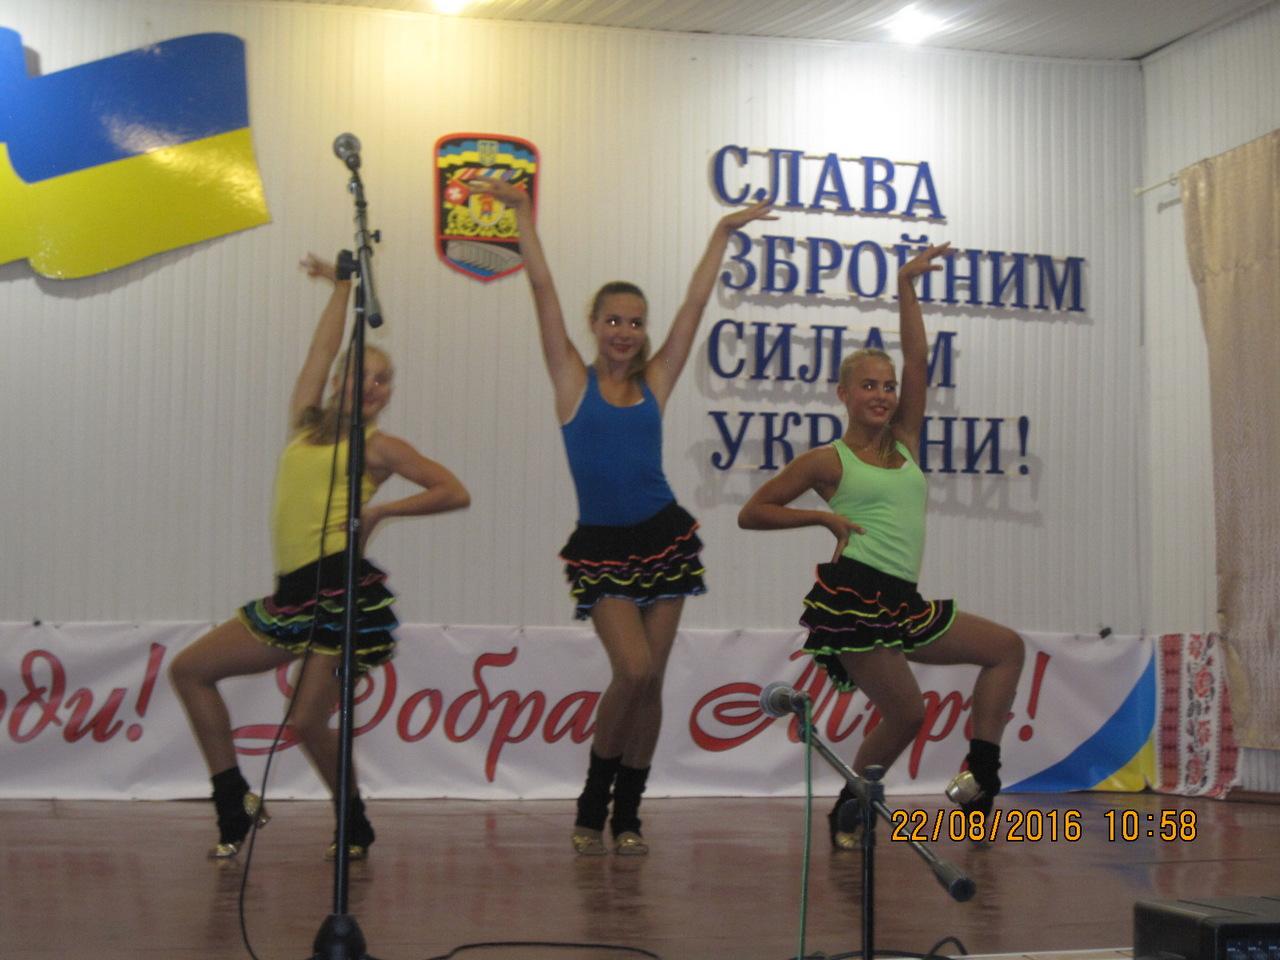 Украина лишилась всего. Даже врожденной хитрож*пости. Юлия Витязева